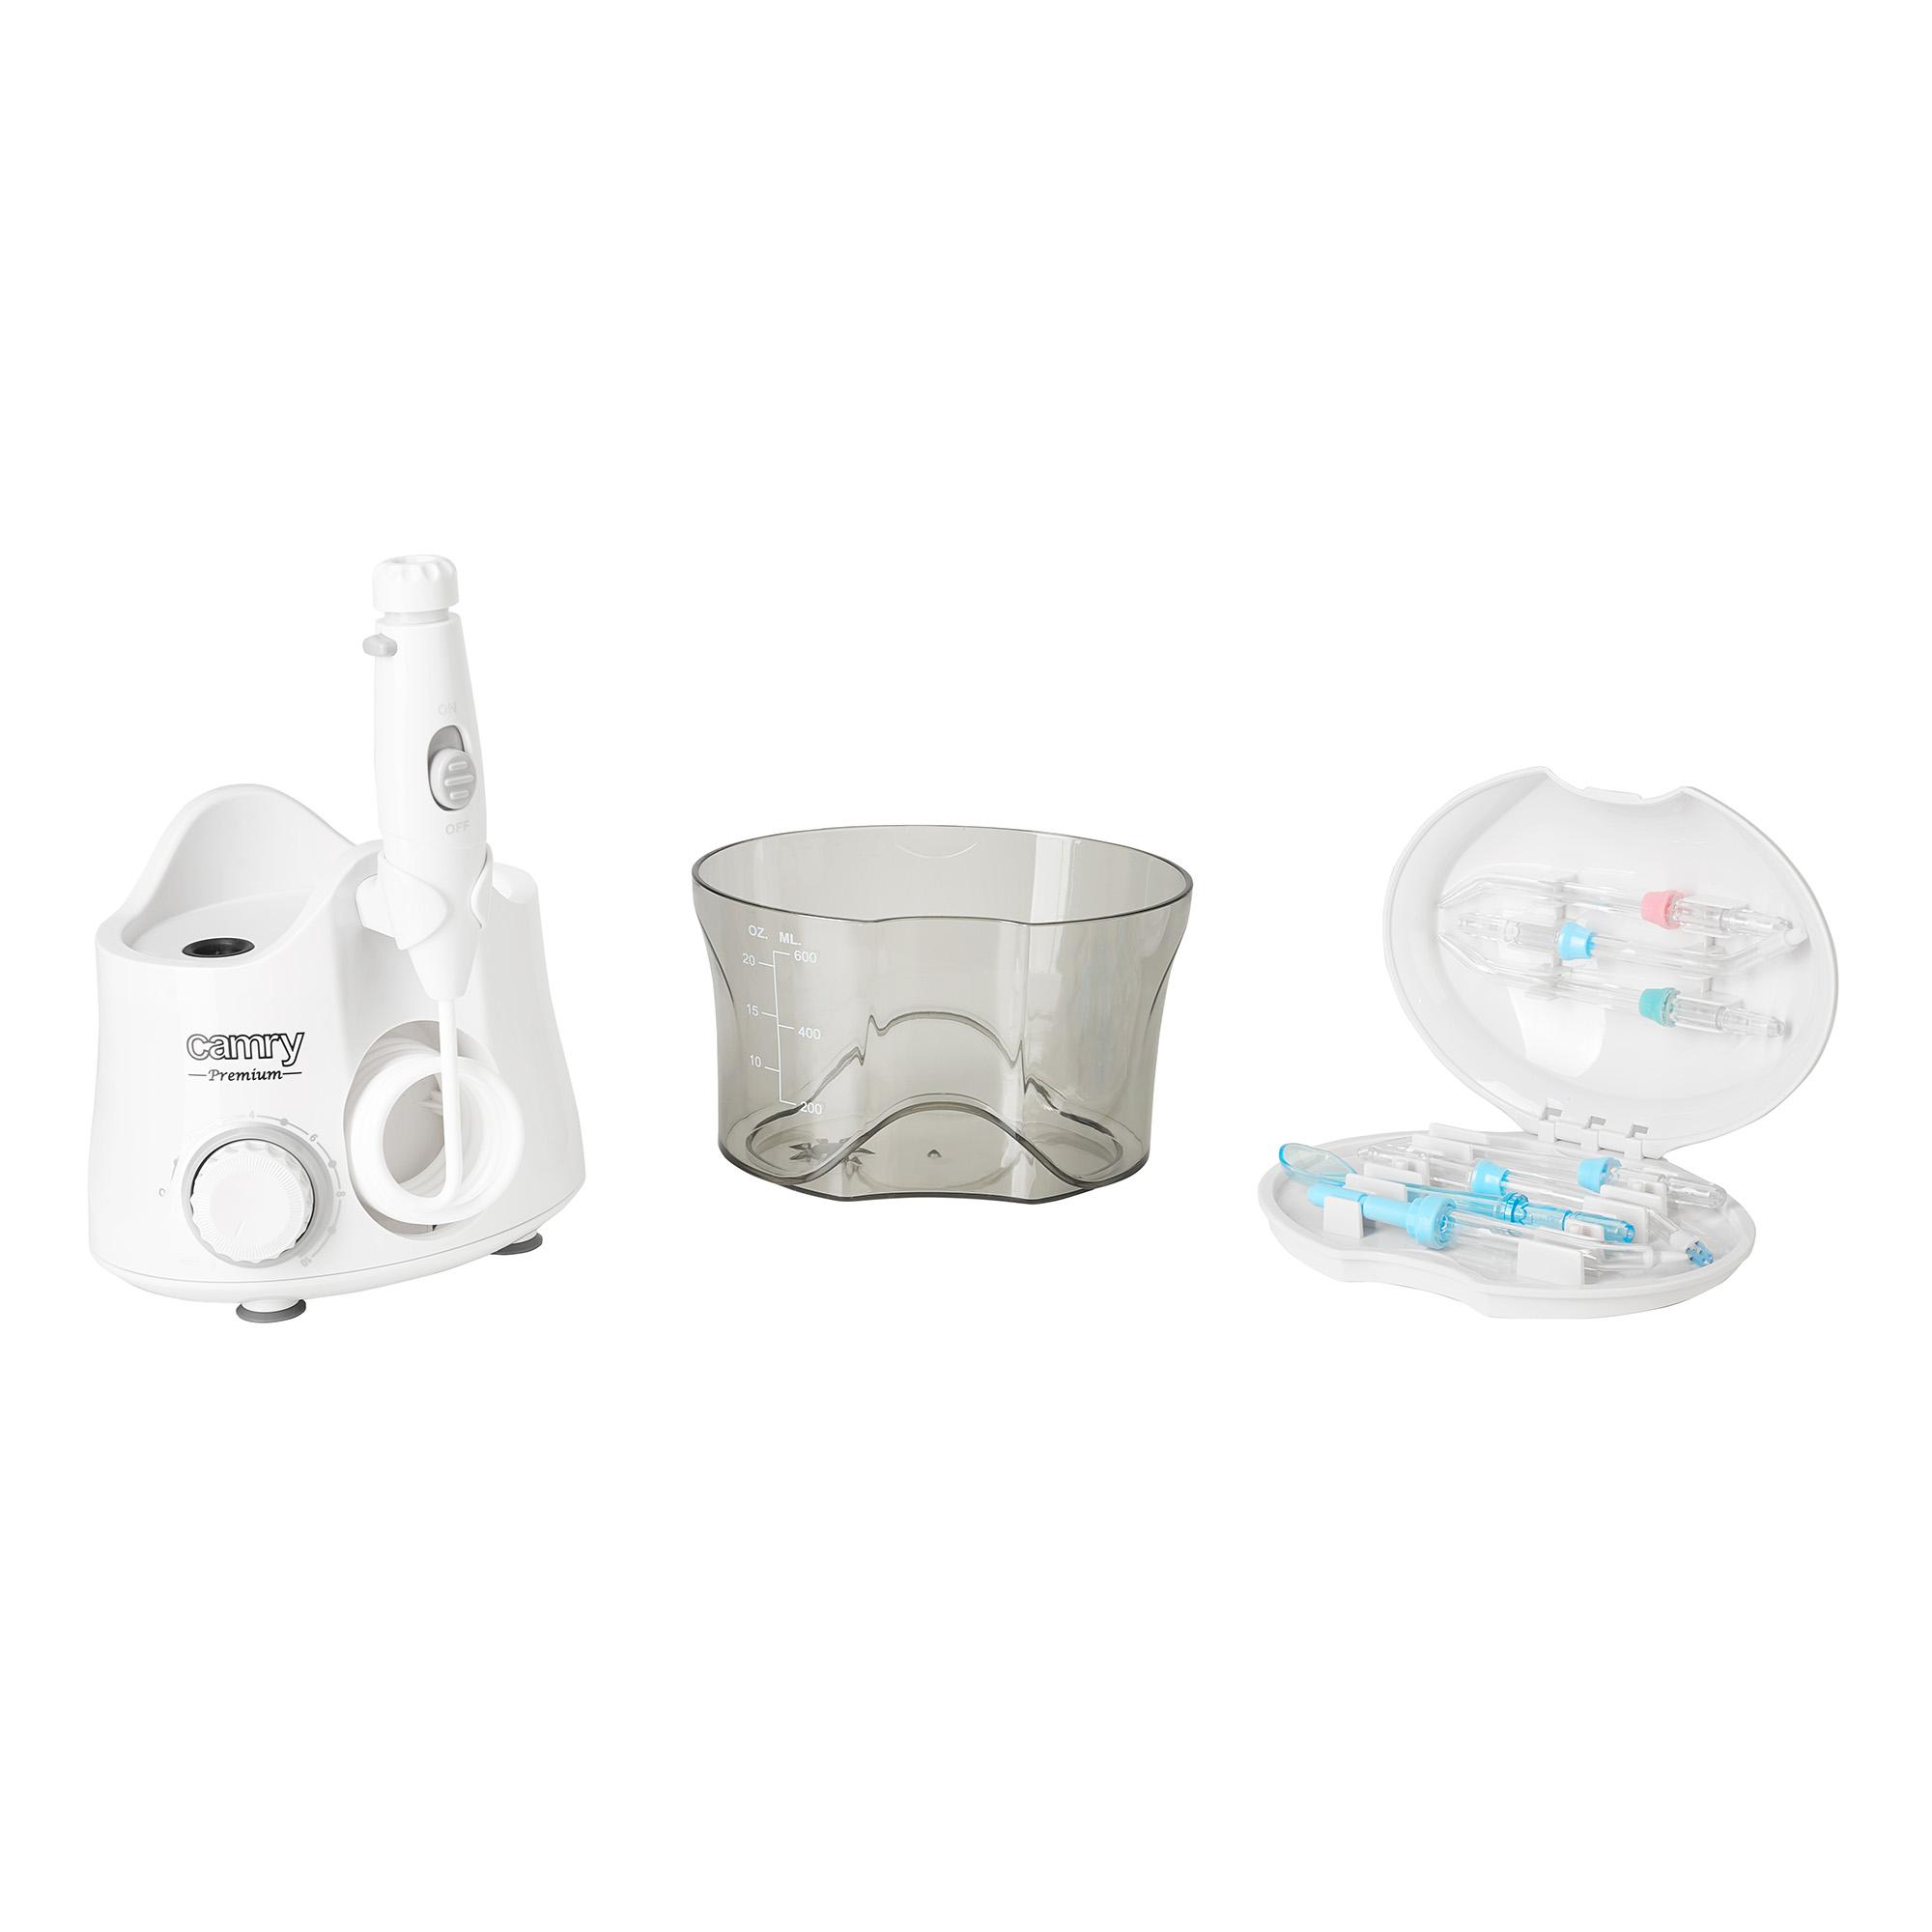 CAMRY CR-2172 Irrigador Bucal Portátil con 7 Boquillas, Multifuncional 600ml Irrigador Dental, Profesional, Limpieza de Dientes de Ortodoncia y Dientes de Implante, Lavado Pulsado de Dientes